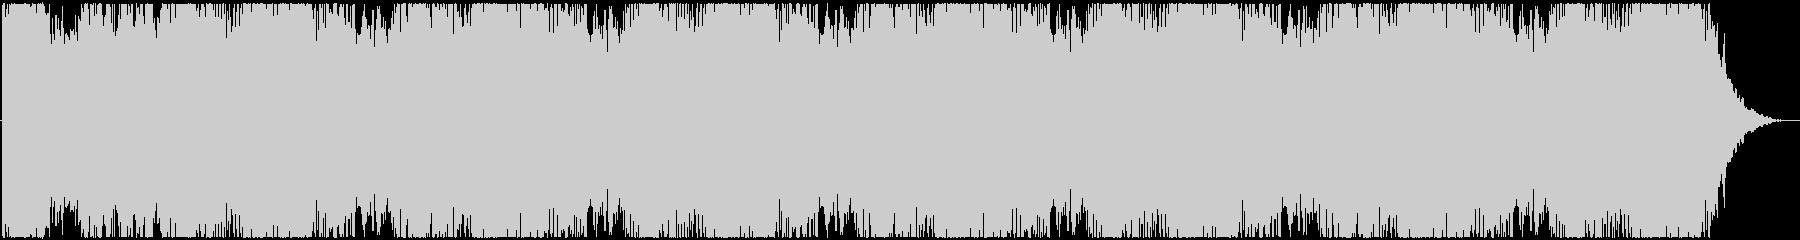 ドローン マーキュリー02の未再生の波形